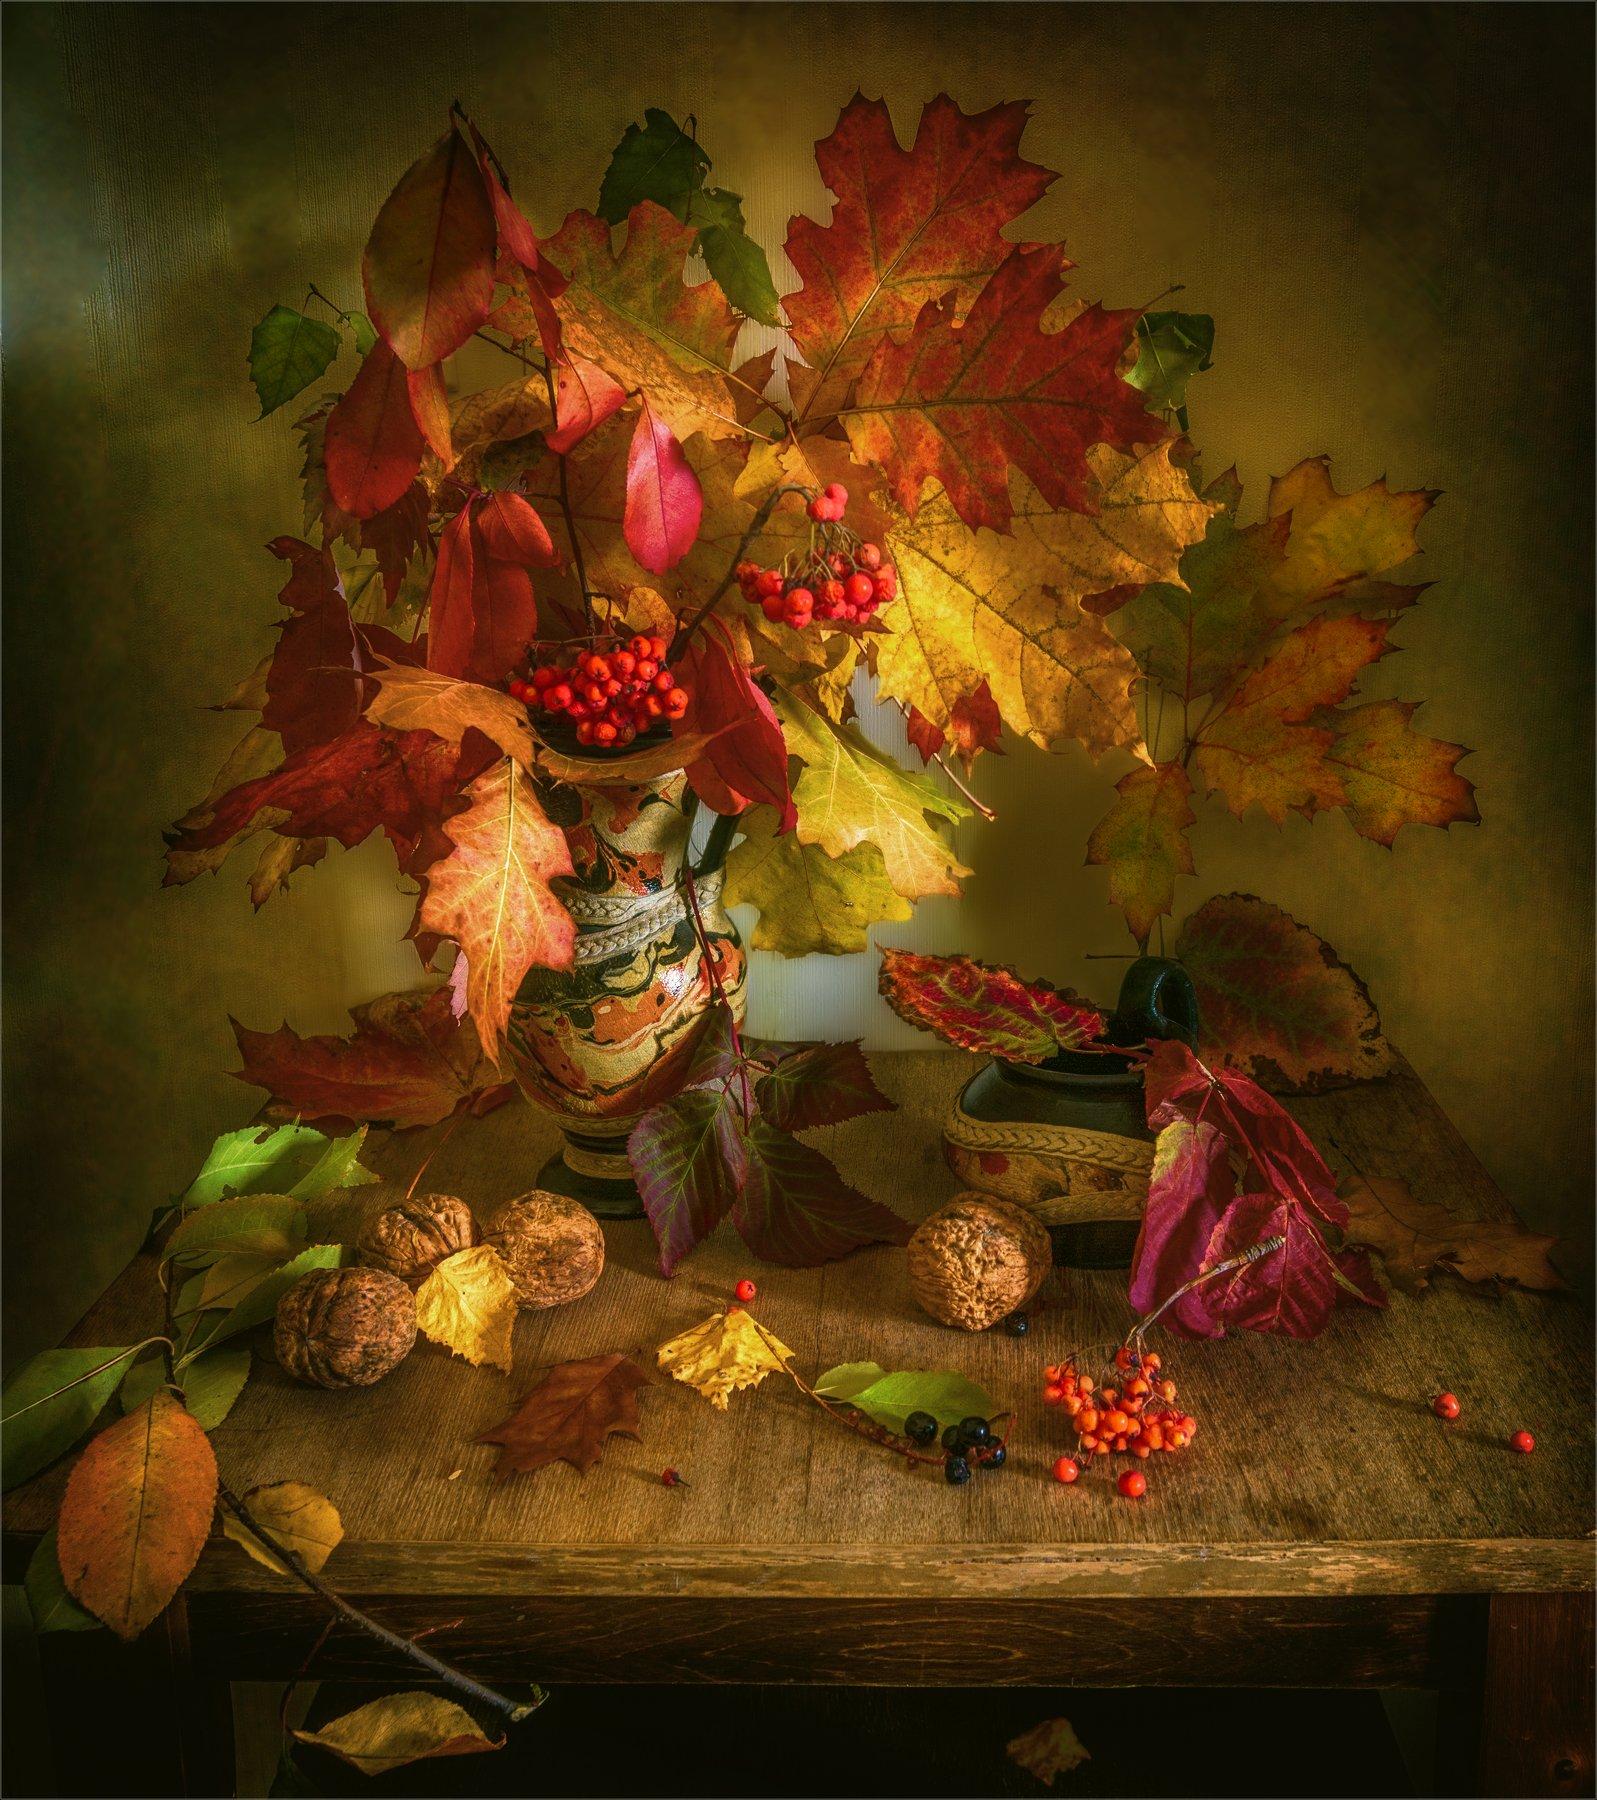 still life, натюрморт,    растение, природа,    осень, листья, осенние листья,  кувшин,  винтаж, ваза, орехи, рябина, ягода, беспорядок,, Михаил MSH